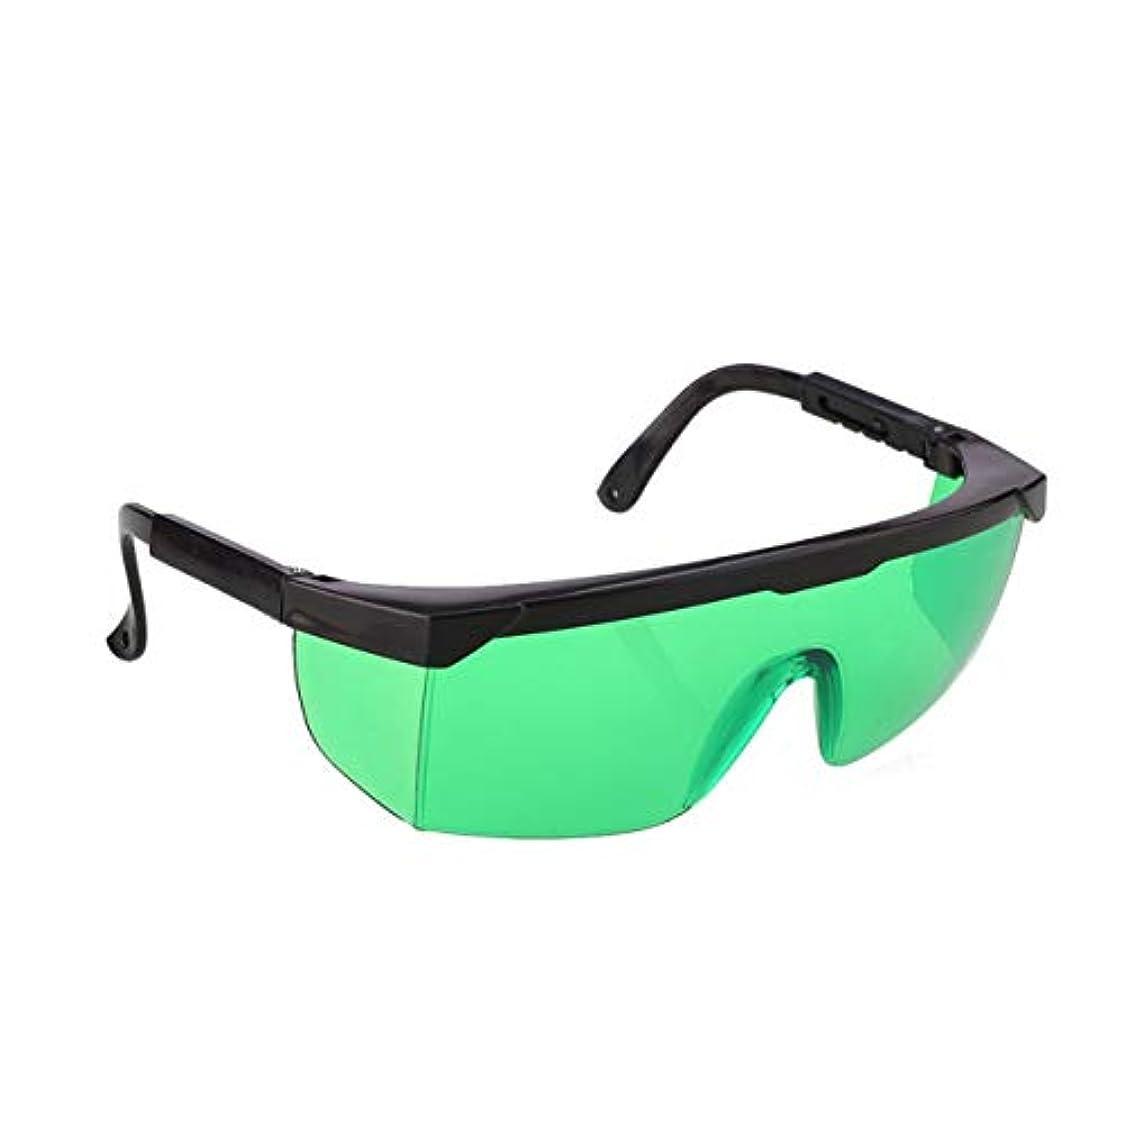 抽象モルヒネトランペットSaikogoods 除毛クリーム ポイント脱毛保護メガネユニバーサルゴーグル眼鏡を凍結IPL/E-光OPTのためのレーザー保護メガネ 緑